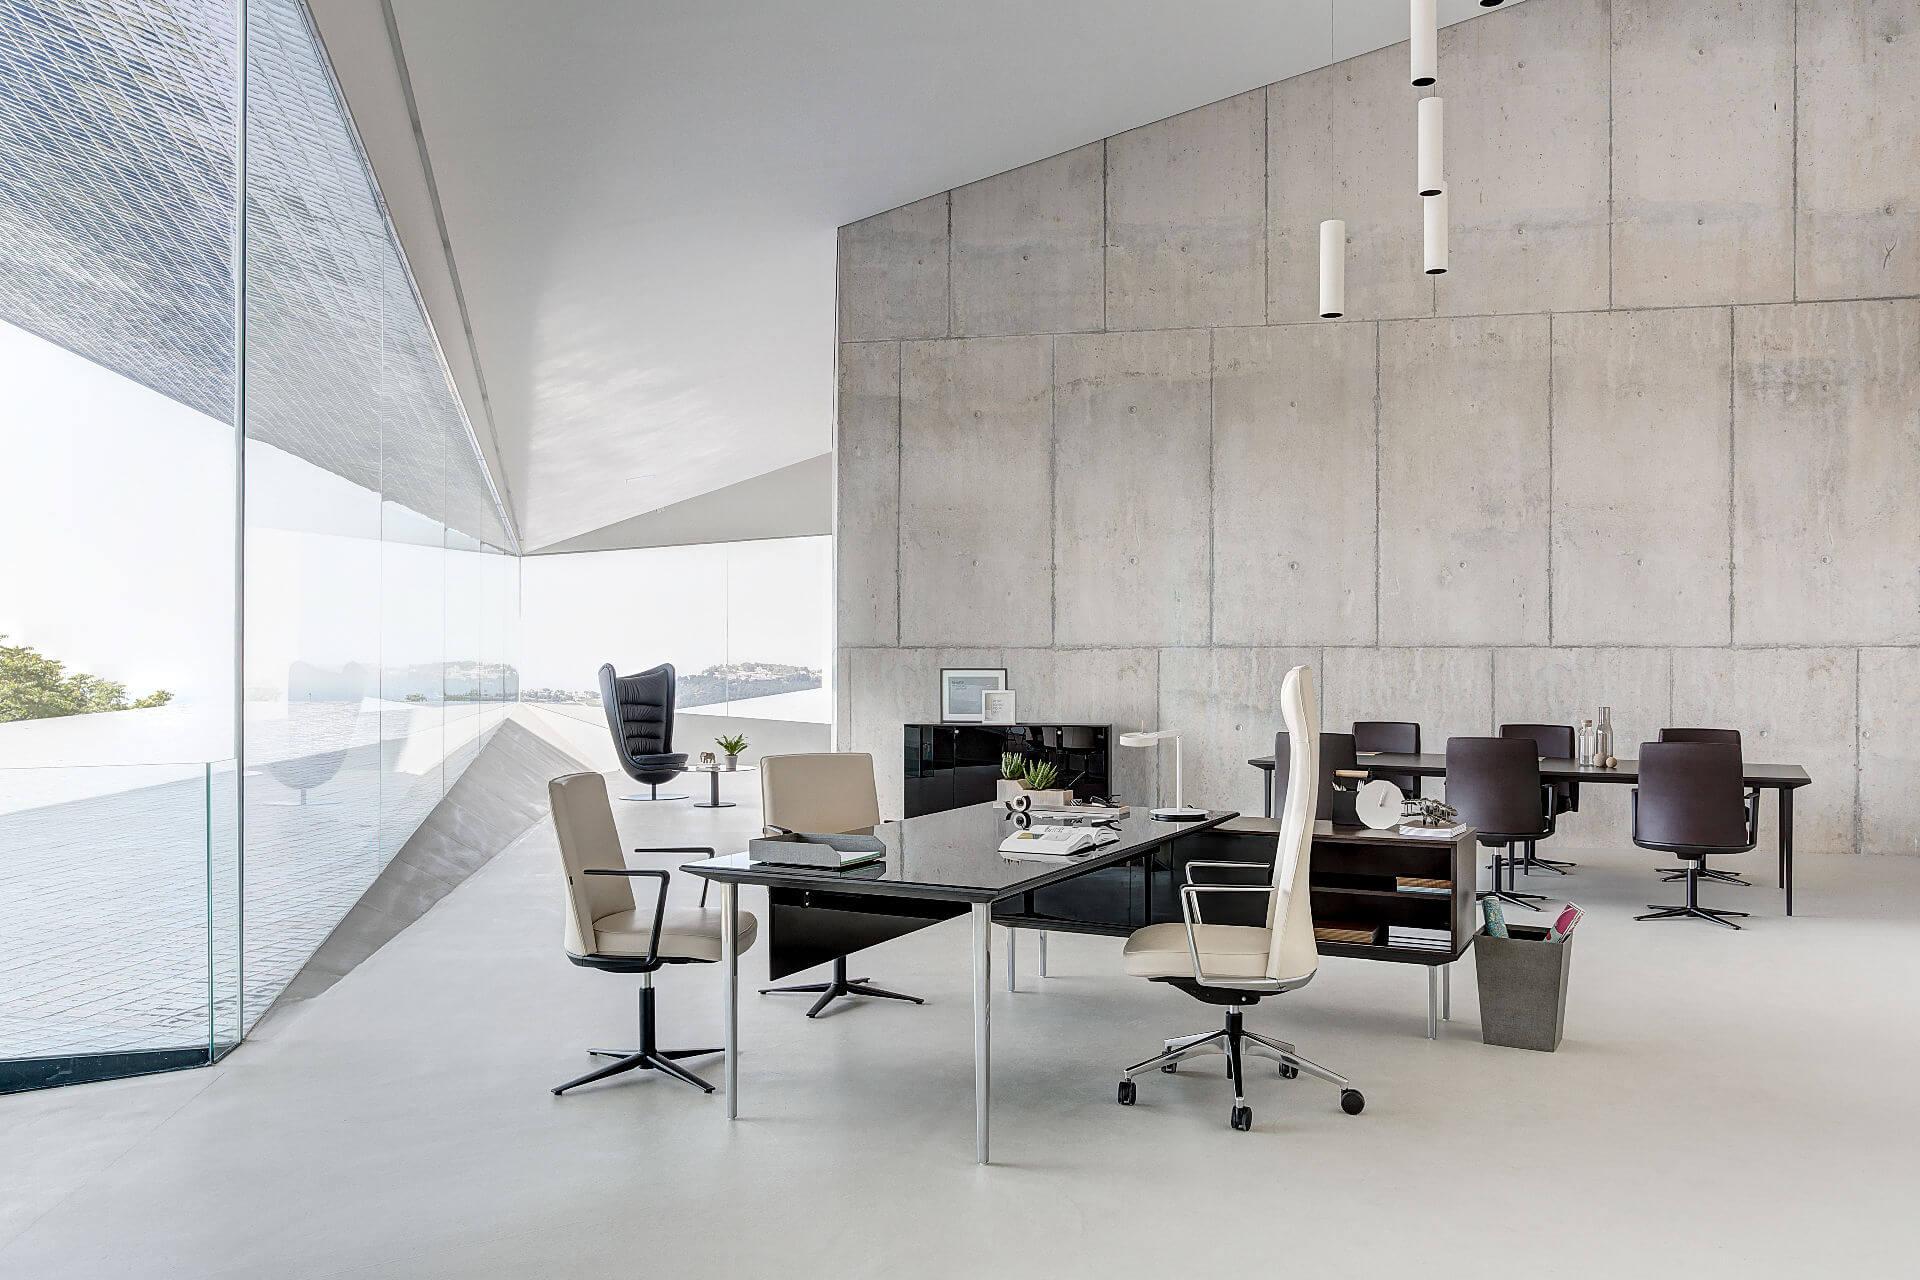 Mobiliario y Muebles de oficina en Bilbao: Spacioveintiuno